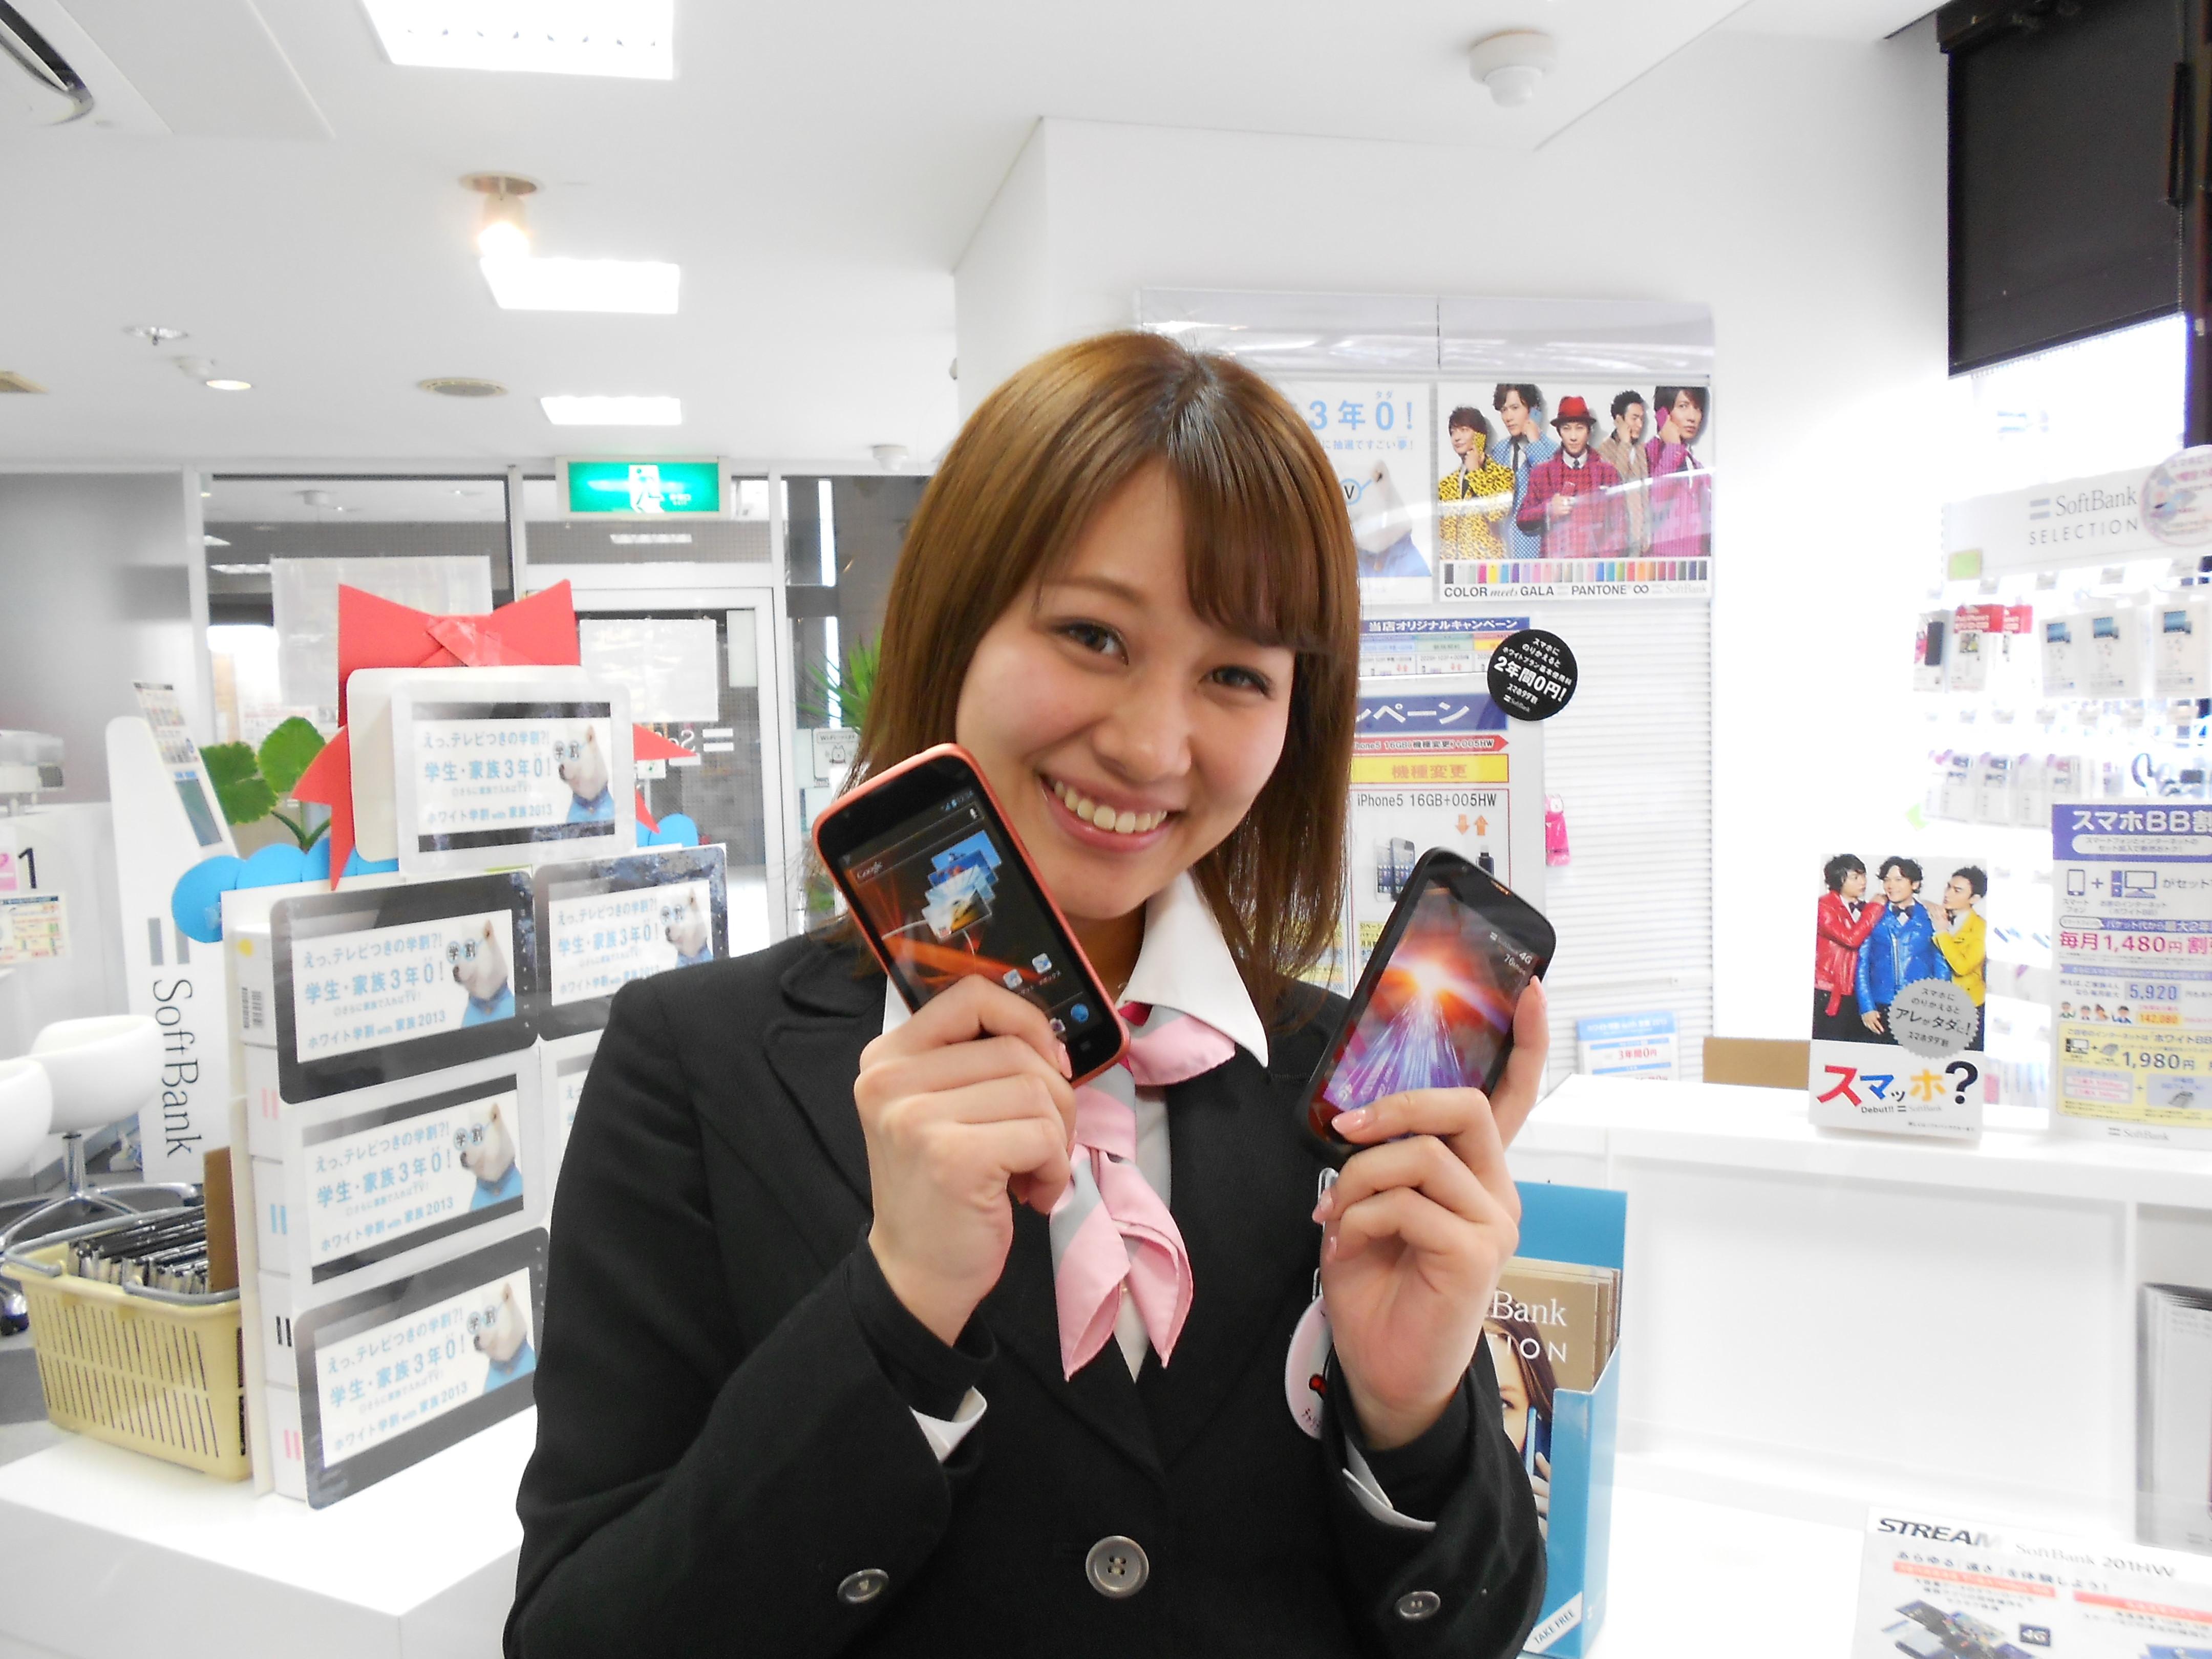 ソフトバンク 早稲田(株式会社シエロ)のアルバイト情報